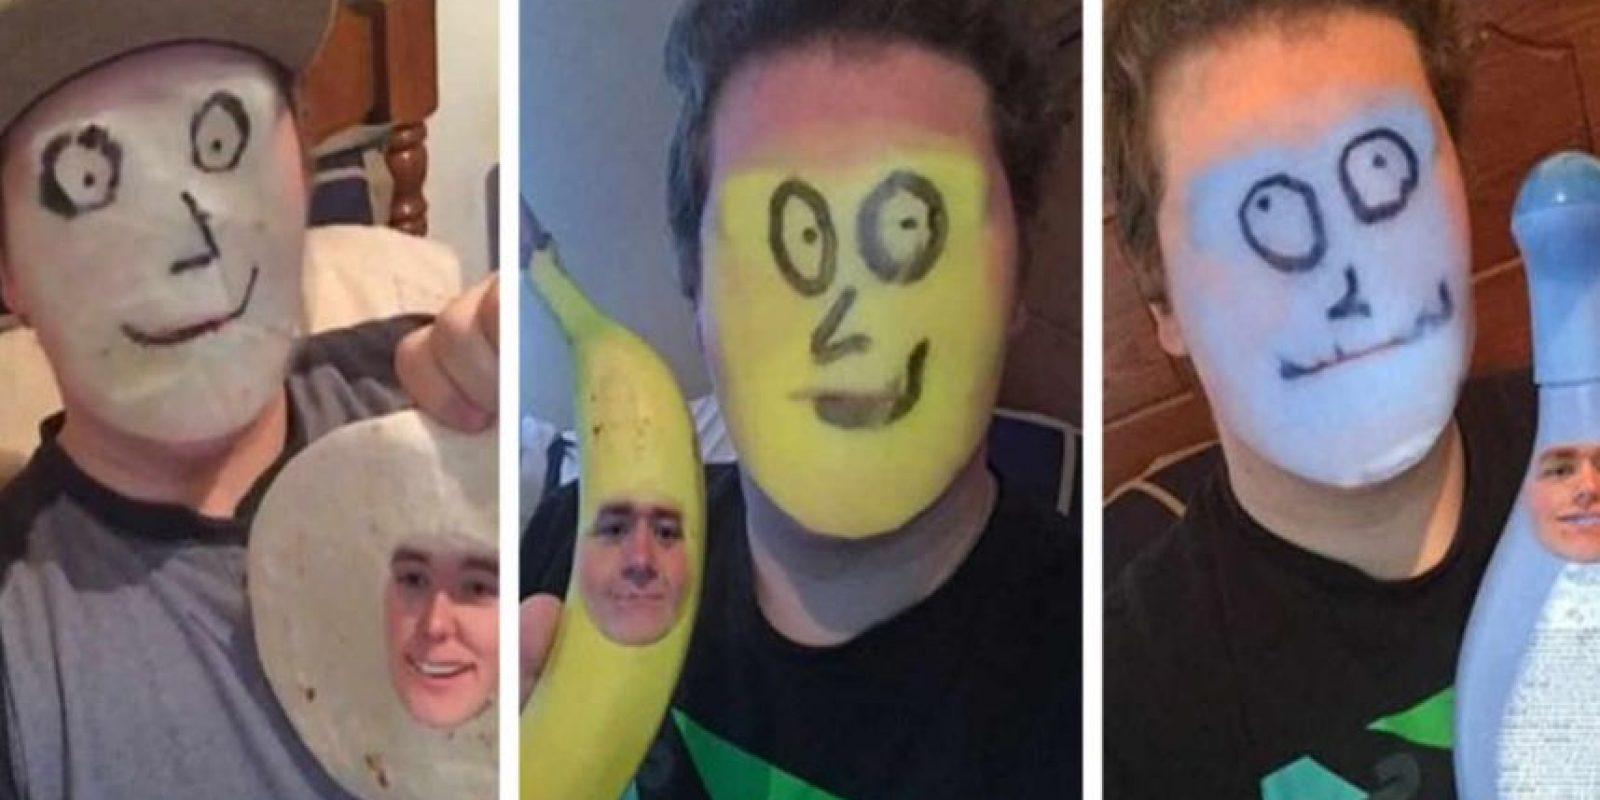 Y usar Snapchat para cambiar tu rostro. Foto:Twitter/@Swollen_Nolan. Imagen Por: